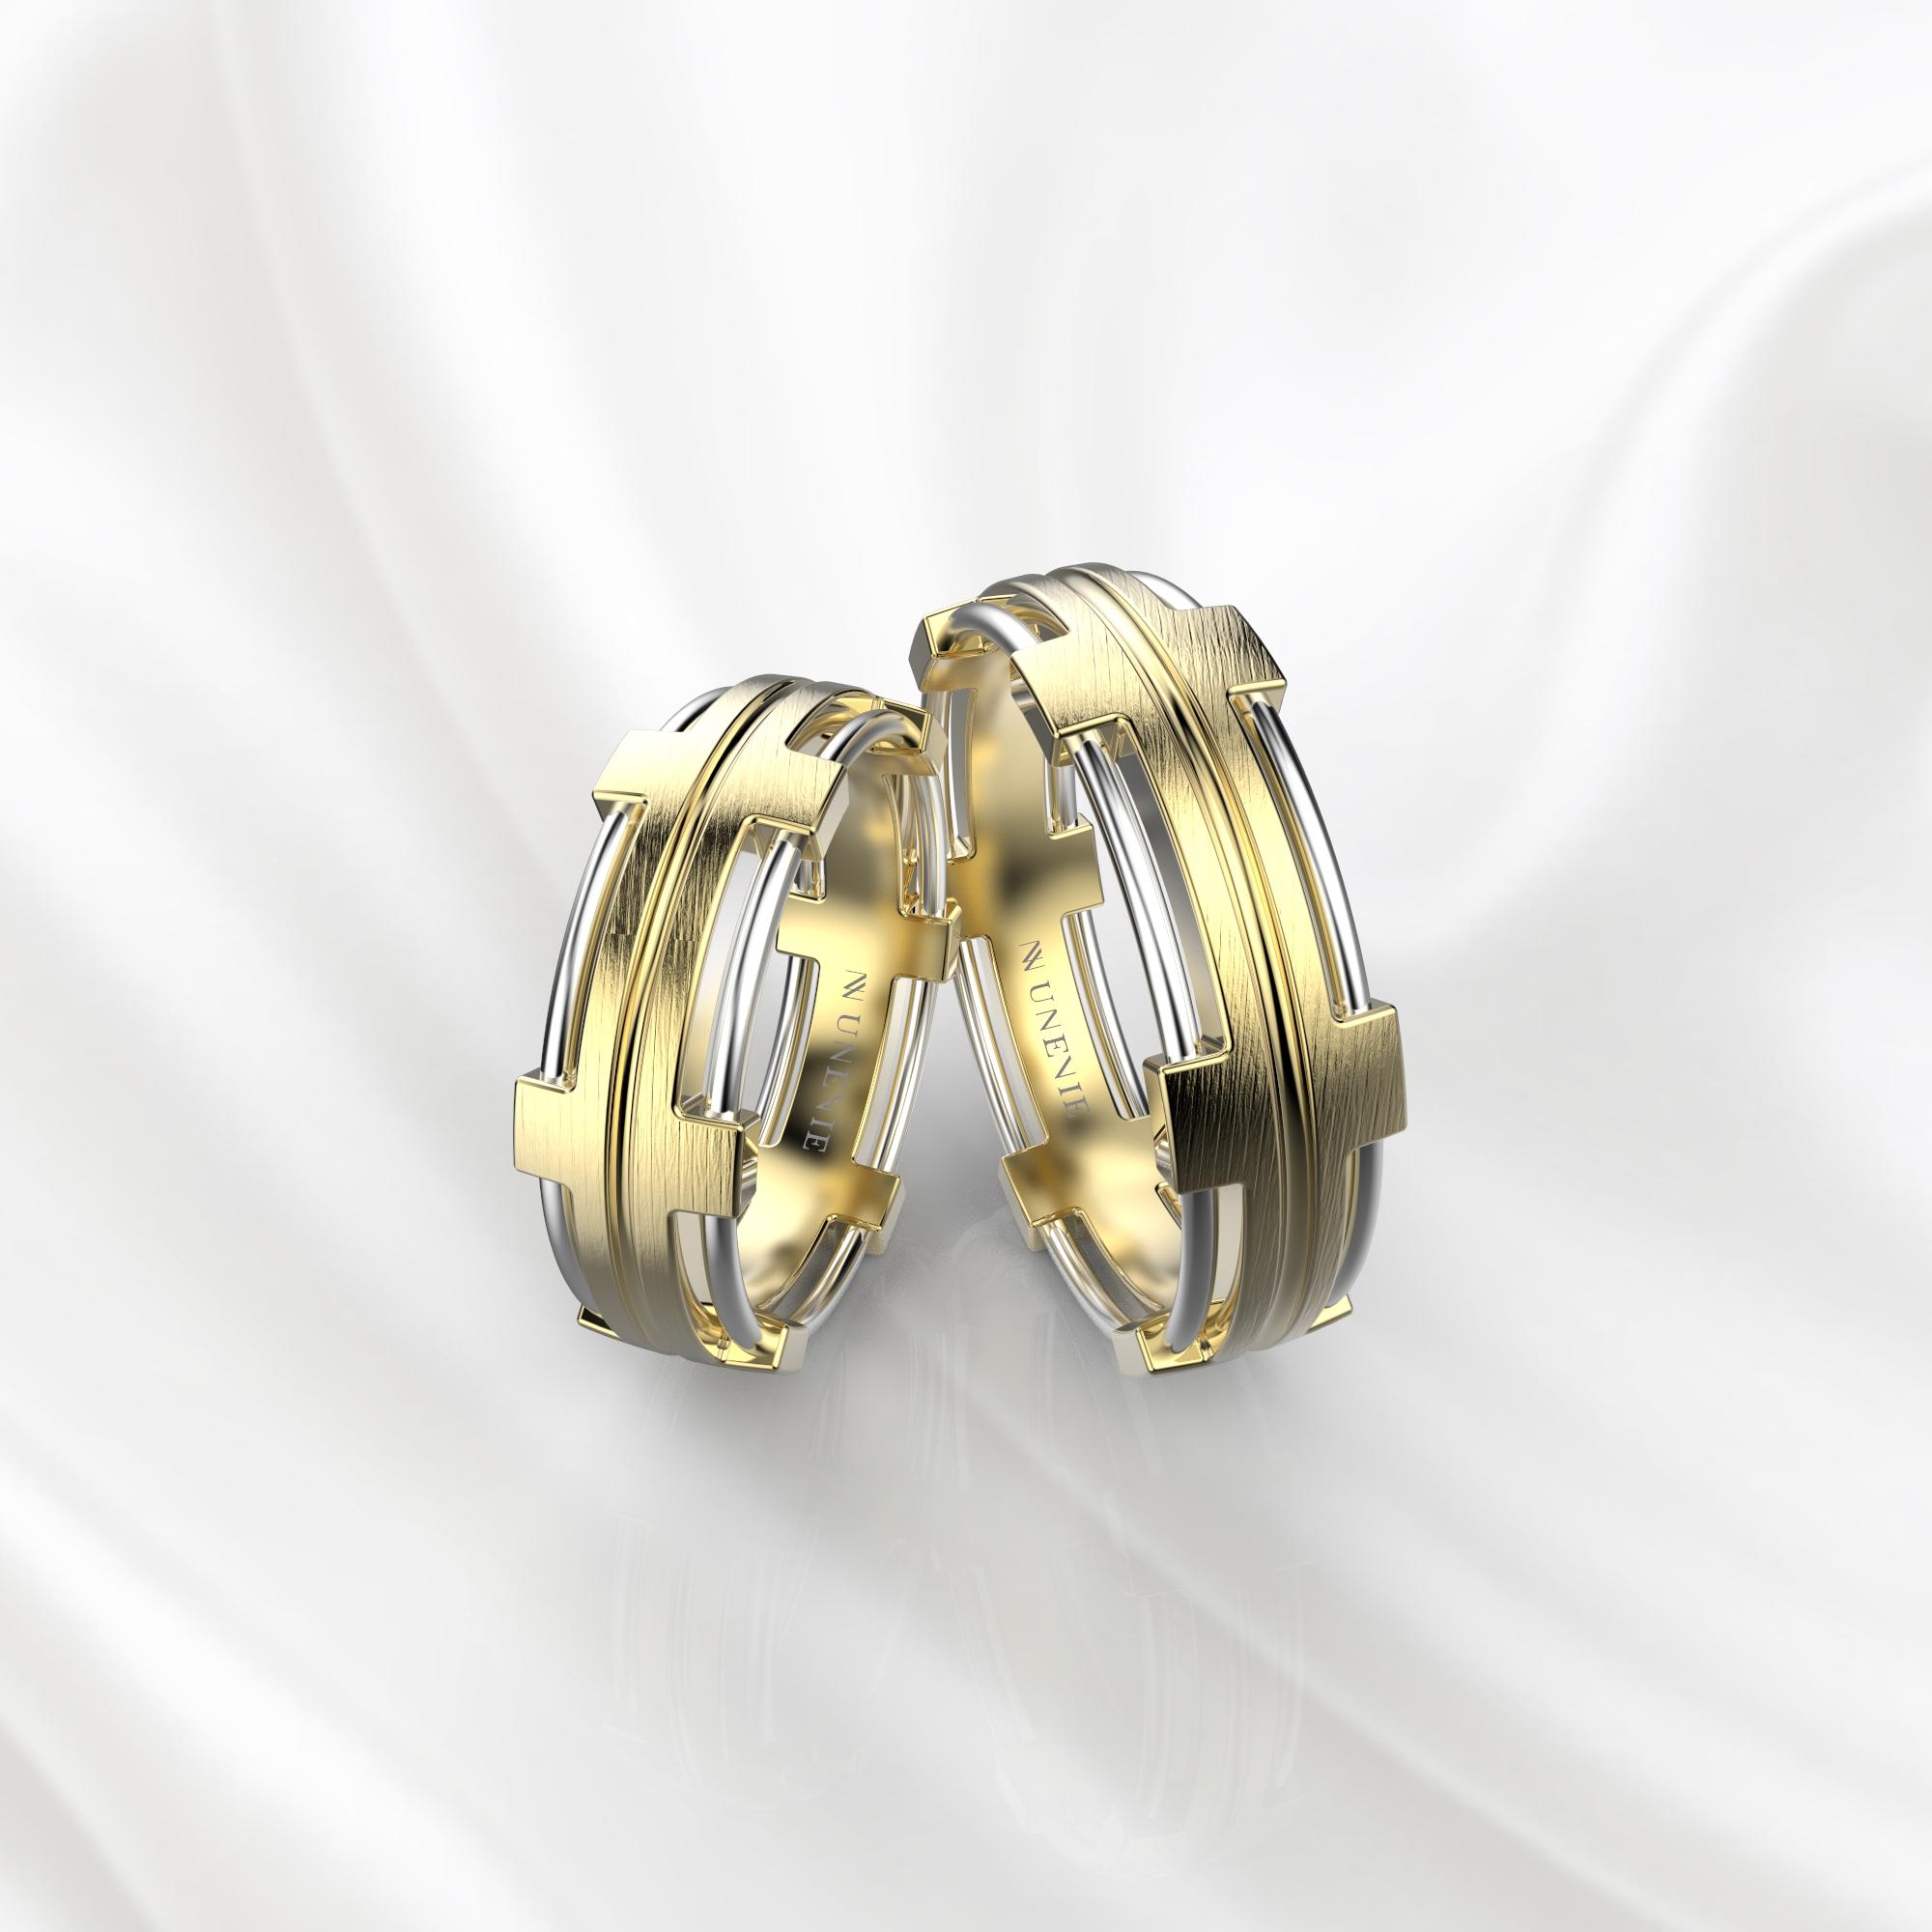 NV68 Парные обручальные кольца из желто-белого золота